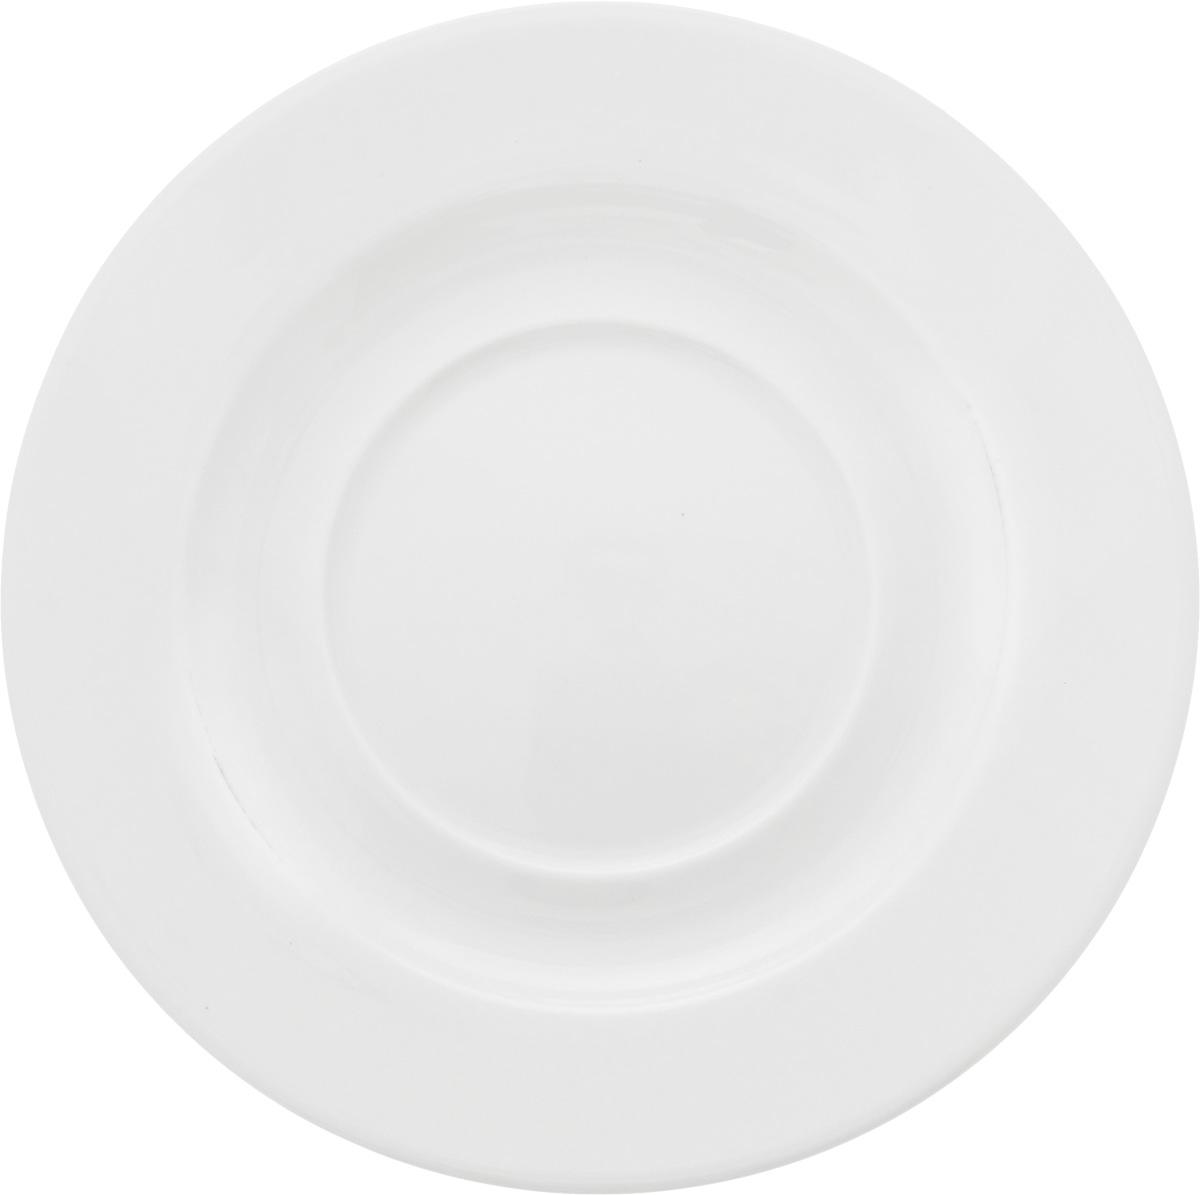 Блюдце Ariane Прайм, диаметр 16,5 см115510Оригинальное блюдце Ariane Прайм изготовлено из фарфора с глазурованным покрытием. Изделие сочетает в себе классический дизайн с максимальной функциональностью. Блюдце прекрасно впишется в интерьер вашей кухни и станет достойным дополнением к кухонному инвентарю. Можно мыть в посудомоечной машине и использовать в микроволновой печи.Диаметр блюдца (по верхнему краю): 16,5 см.Высота блюдца: 2 см.